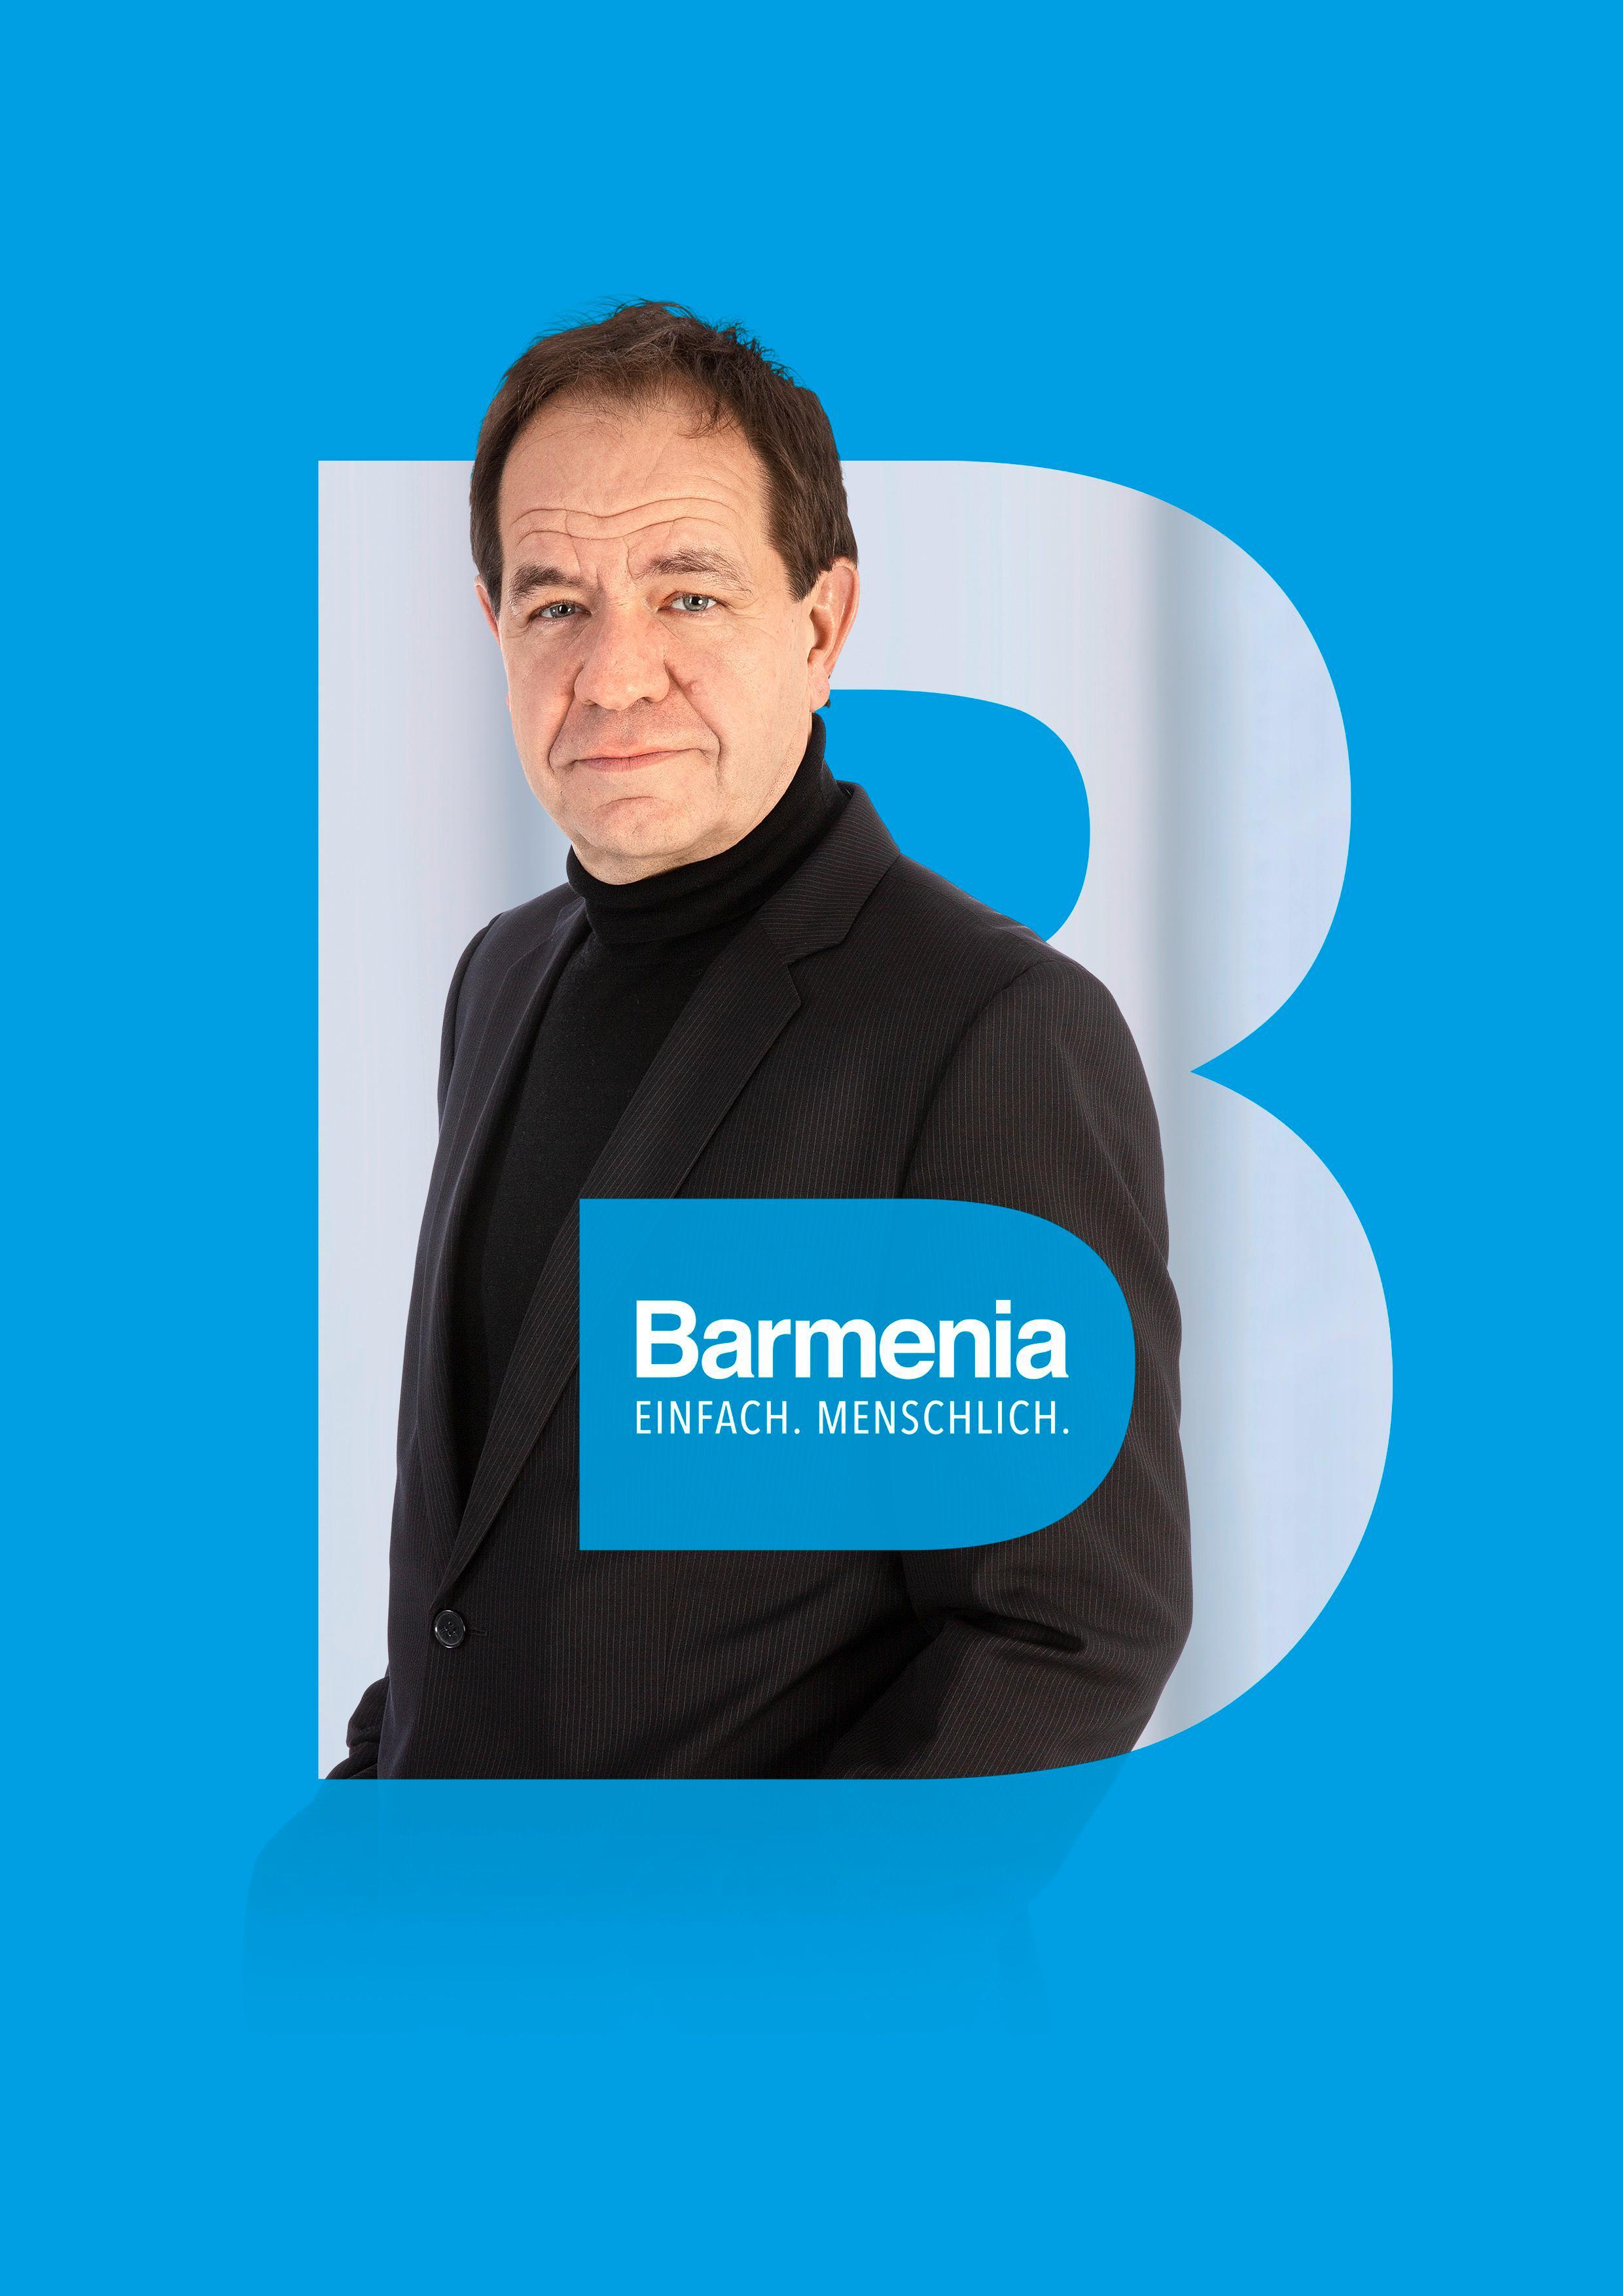 Barmenia Versicherung - Patrick Kaltenbach, Marchstr. 4 in Vörstetten